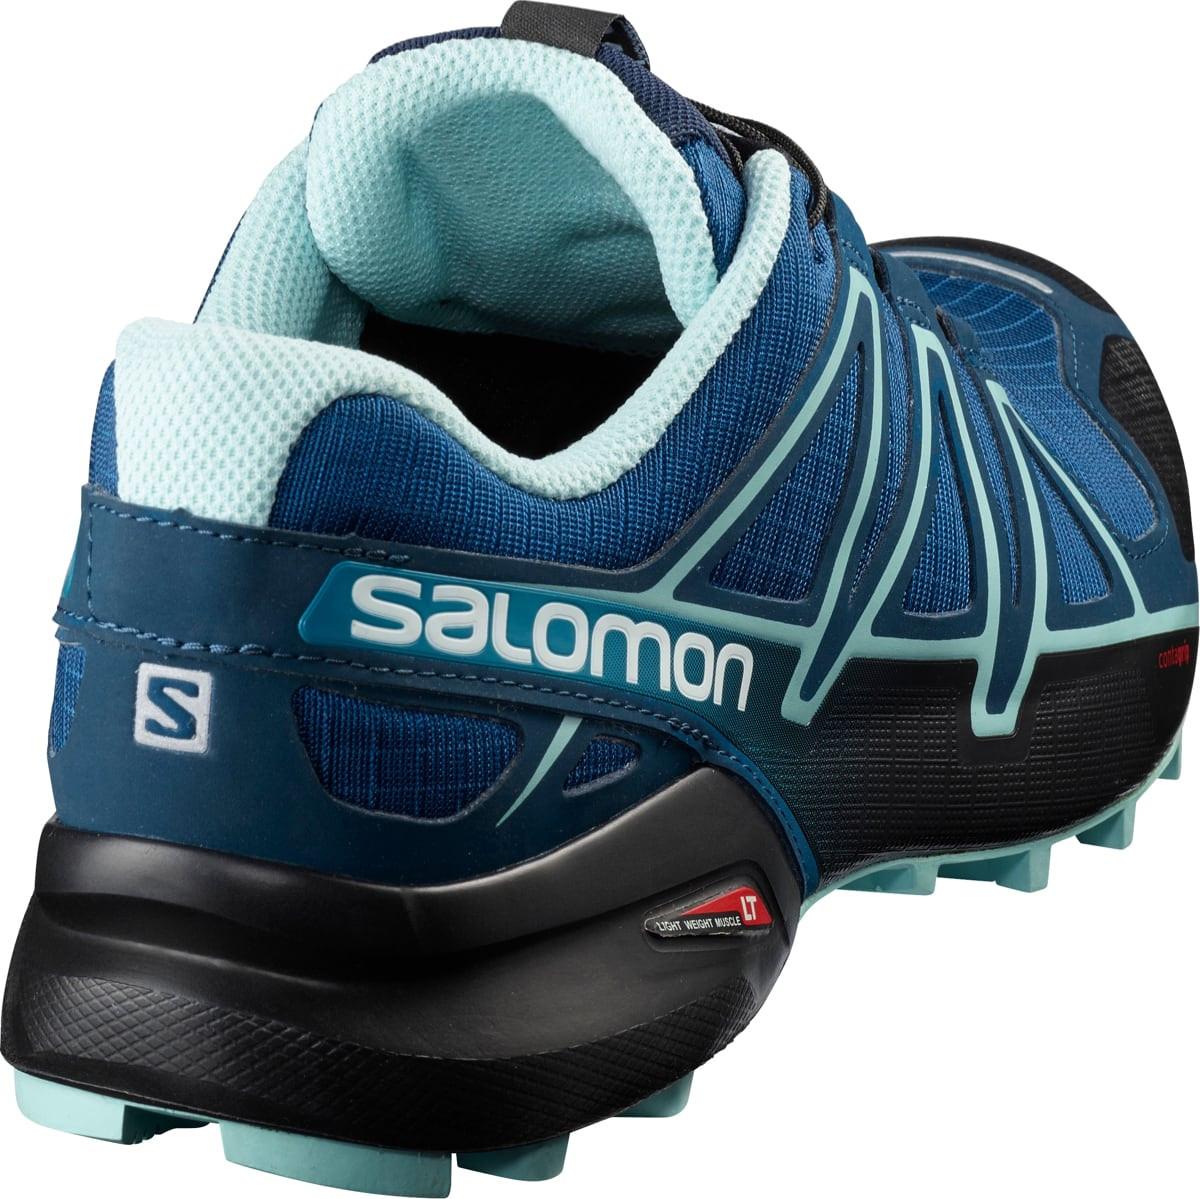 Salomon Speedcross 4 Wide Women's PoseidonEggshell BlueBlack